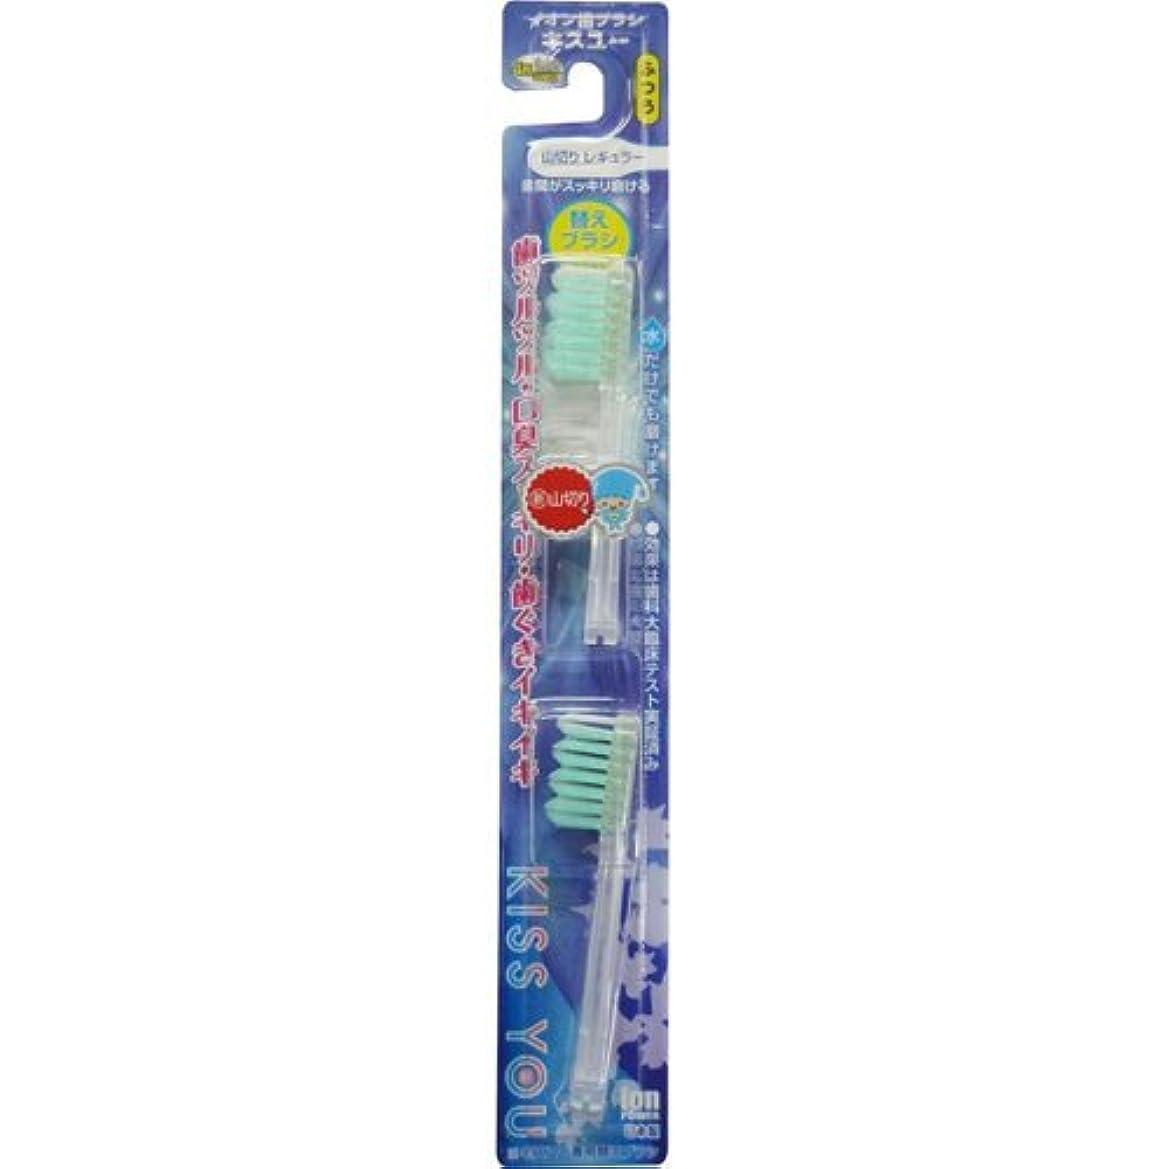 意気揚々放射性セマフォキスユー イオン歯ブラシ 山切りレギュラー 替えブラシ ふつう 2本入